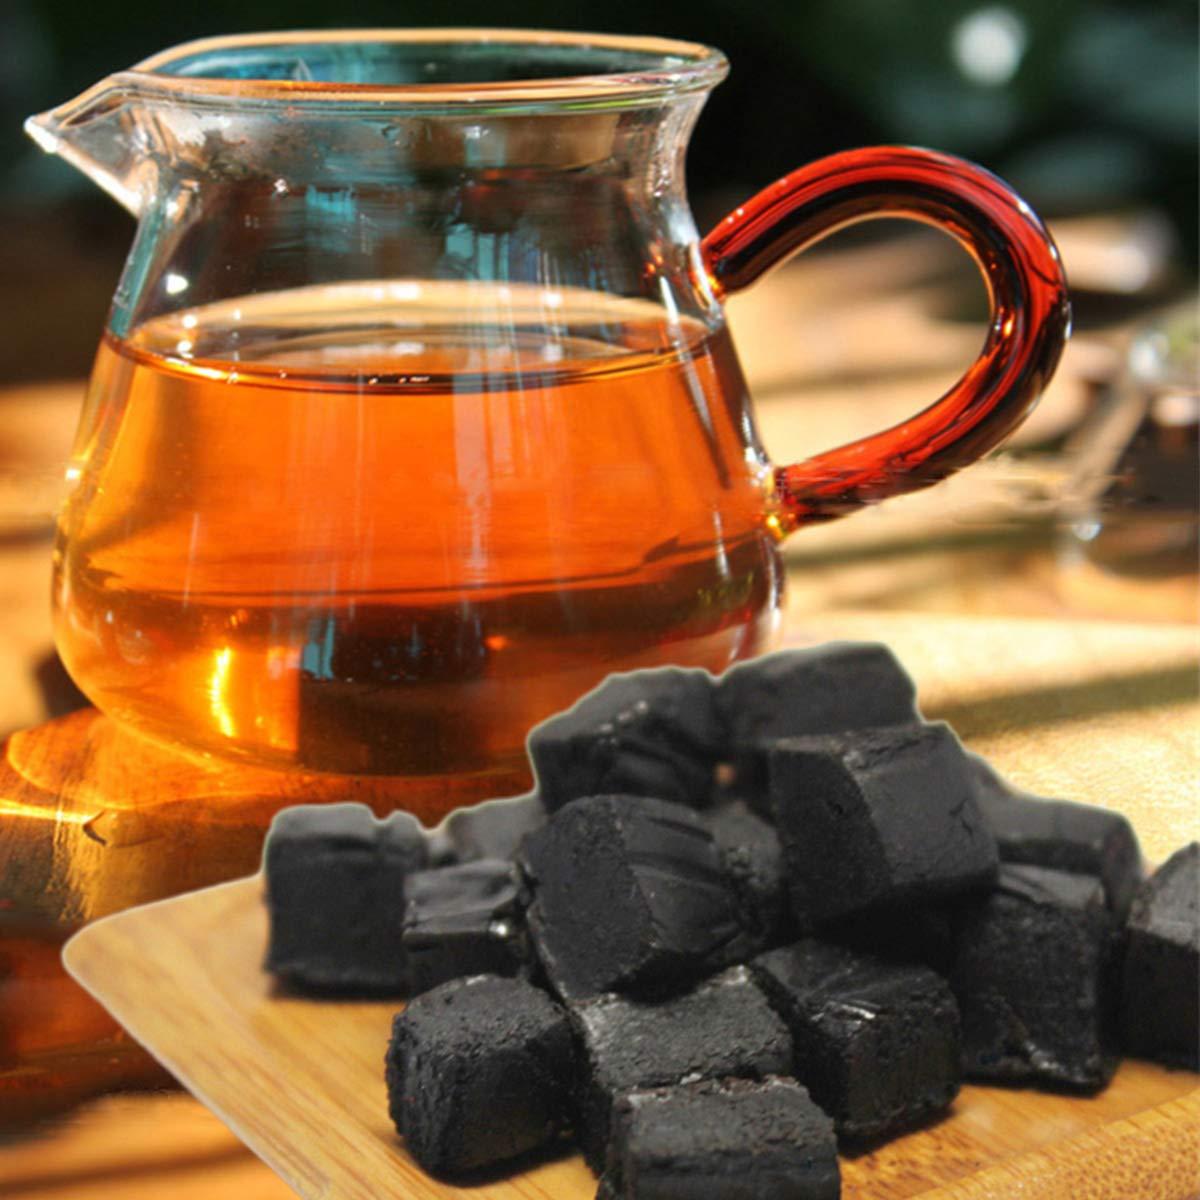 Chinesischer-Pu-erh-Tee-Instant-Tee-50-Stck-Puer-Tee-gekochter-Tee-Instant-Puerh-Tee-Schwarzer-Tee-Reifer-Pu-erh-Tee-Alte-Bume-Puer-Tee